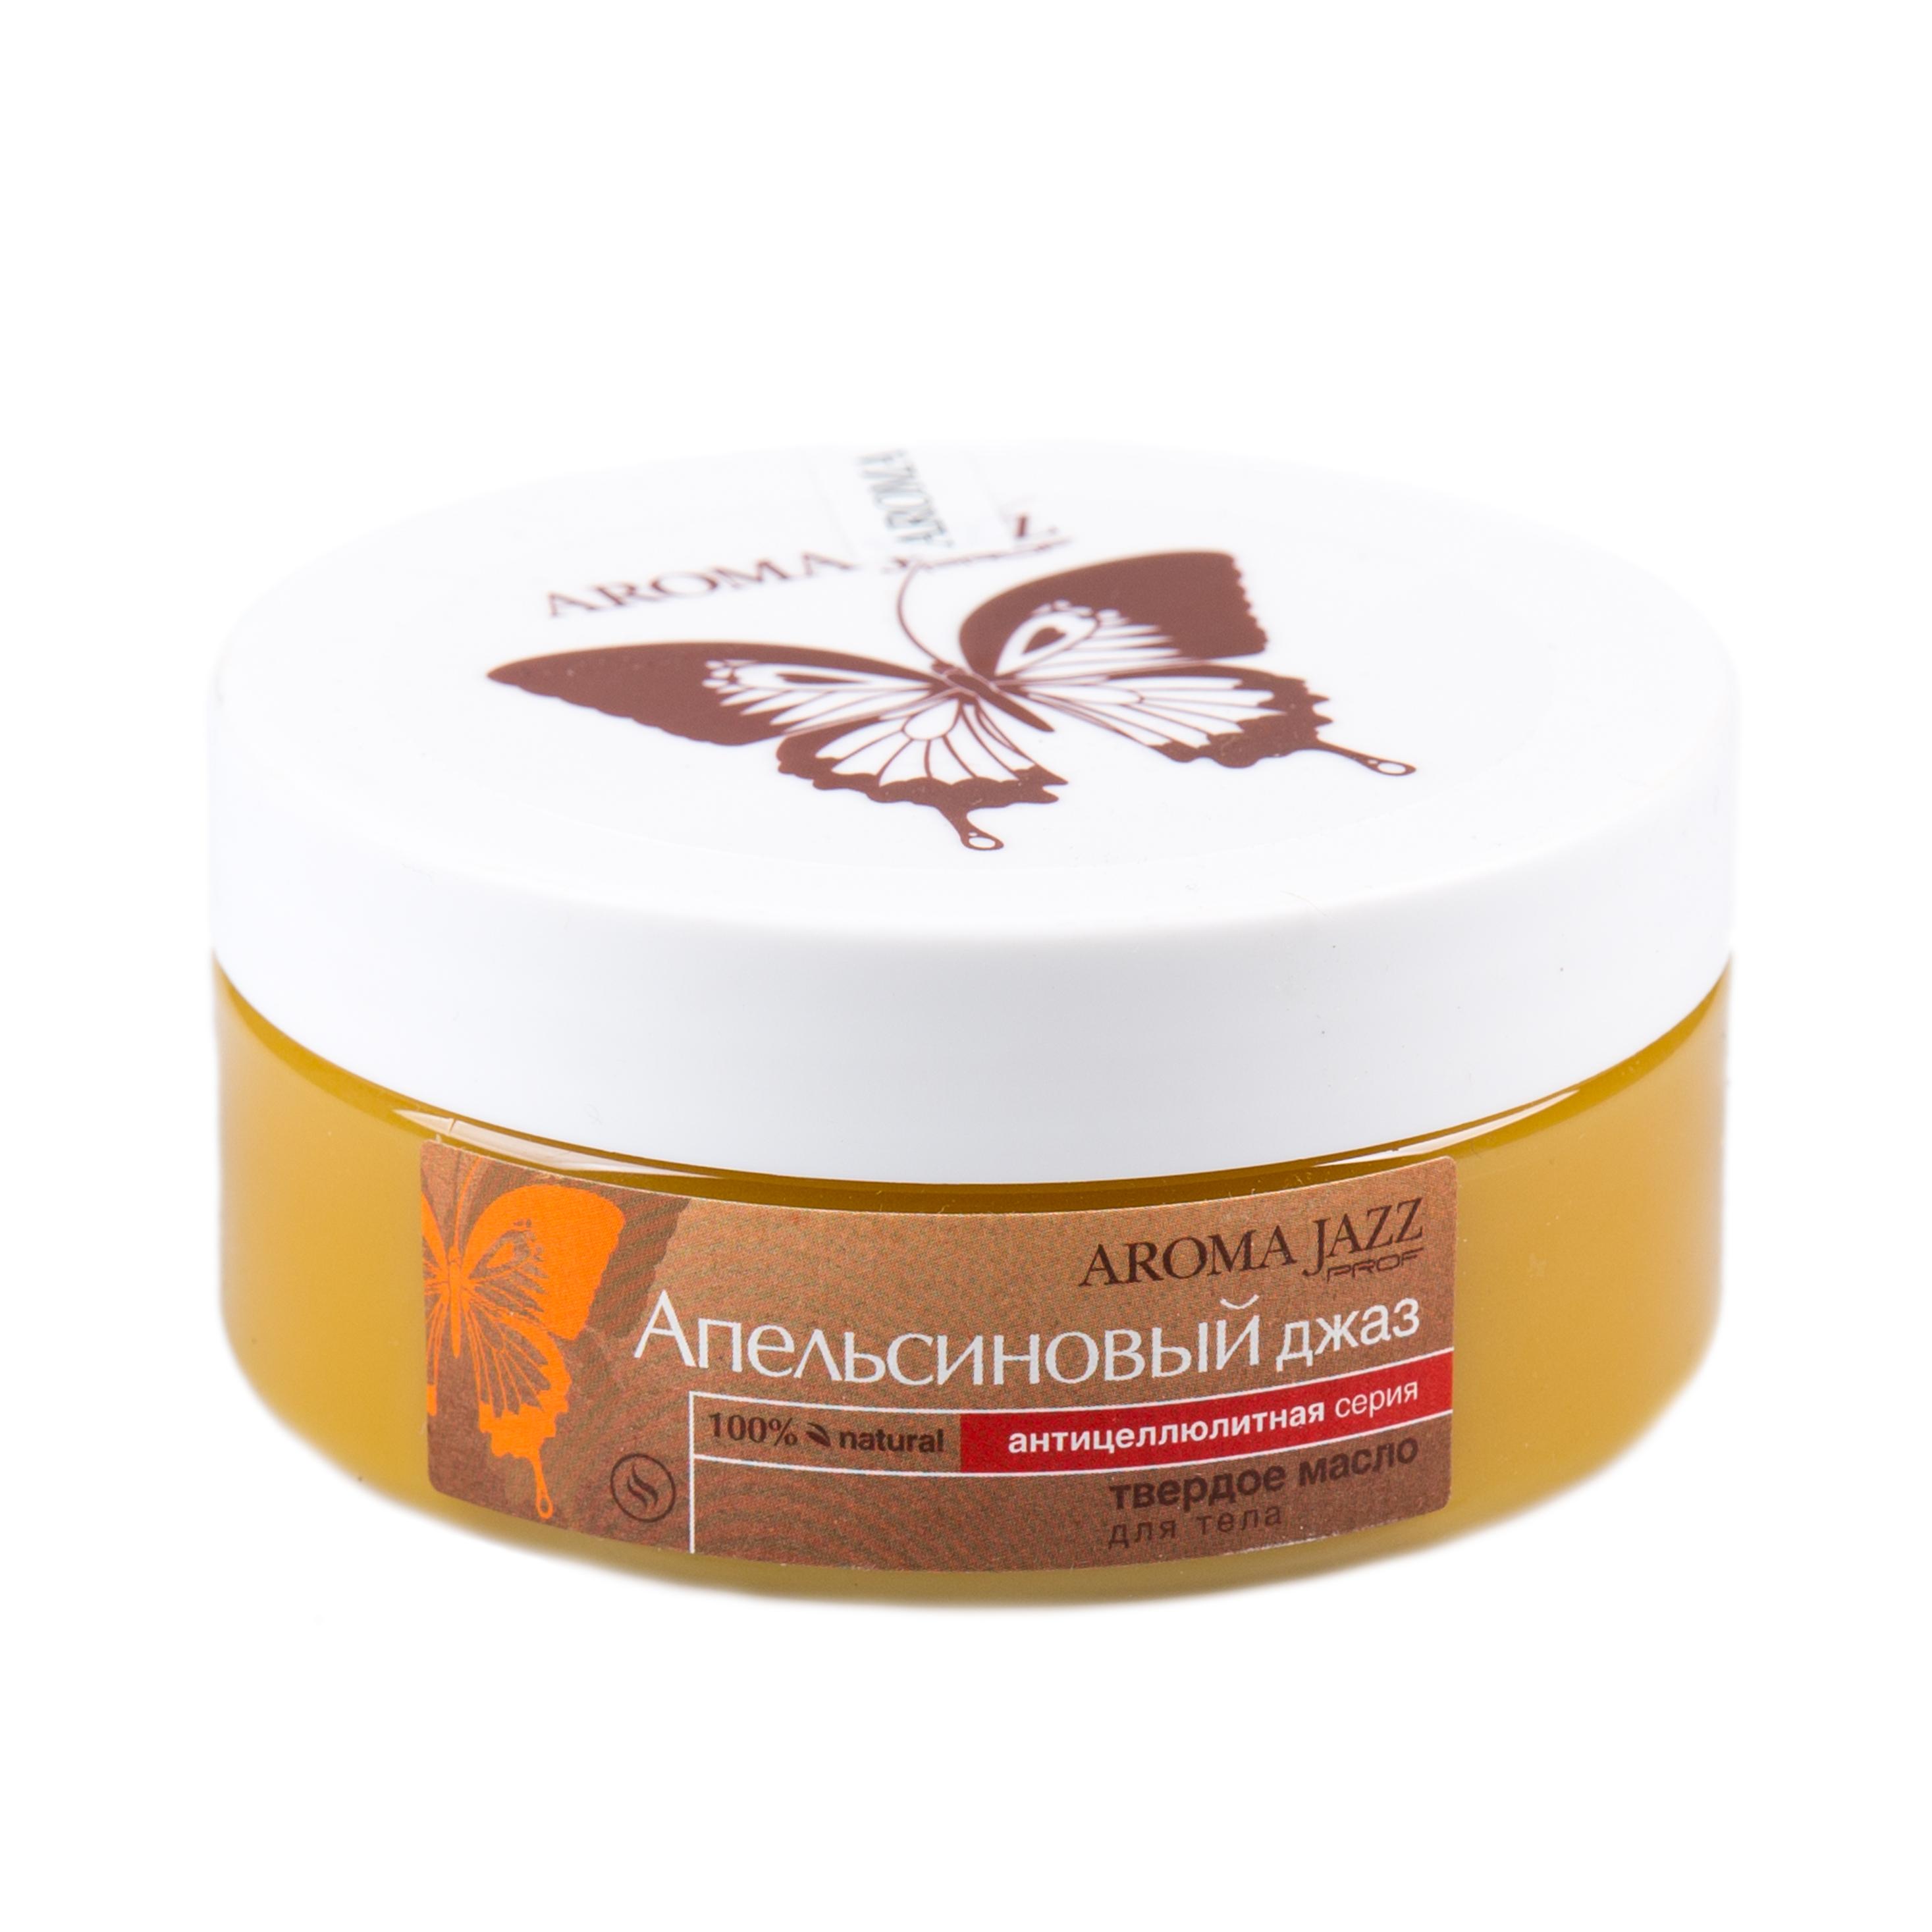 AROMA JAZZ Масло твердое Апельсиновый джаз 150млМасла<br>Масло способствует сжиганию подкожного жира, нормализует обменные процессы, выводит шлаки и токсины, обладает противоотечным действием Активные ингредиенты: масла какао, кокоса, оливы, авокадо; эфирное масло апельсина; экстракты горчицы, красного перца; пчелиный воск. Способ применения: рекомендовано для проведения любого вида массажа,увлажнения и питания кожи после душа, горячих ванн и SPA-процедур в салоне и дома; великолепно в антицеллюлитных обертываниях; рекомендуется использовать одноразовое белье.<br><br>Типы кожи: Для всех типов<br>Назначение: Отечность